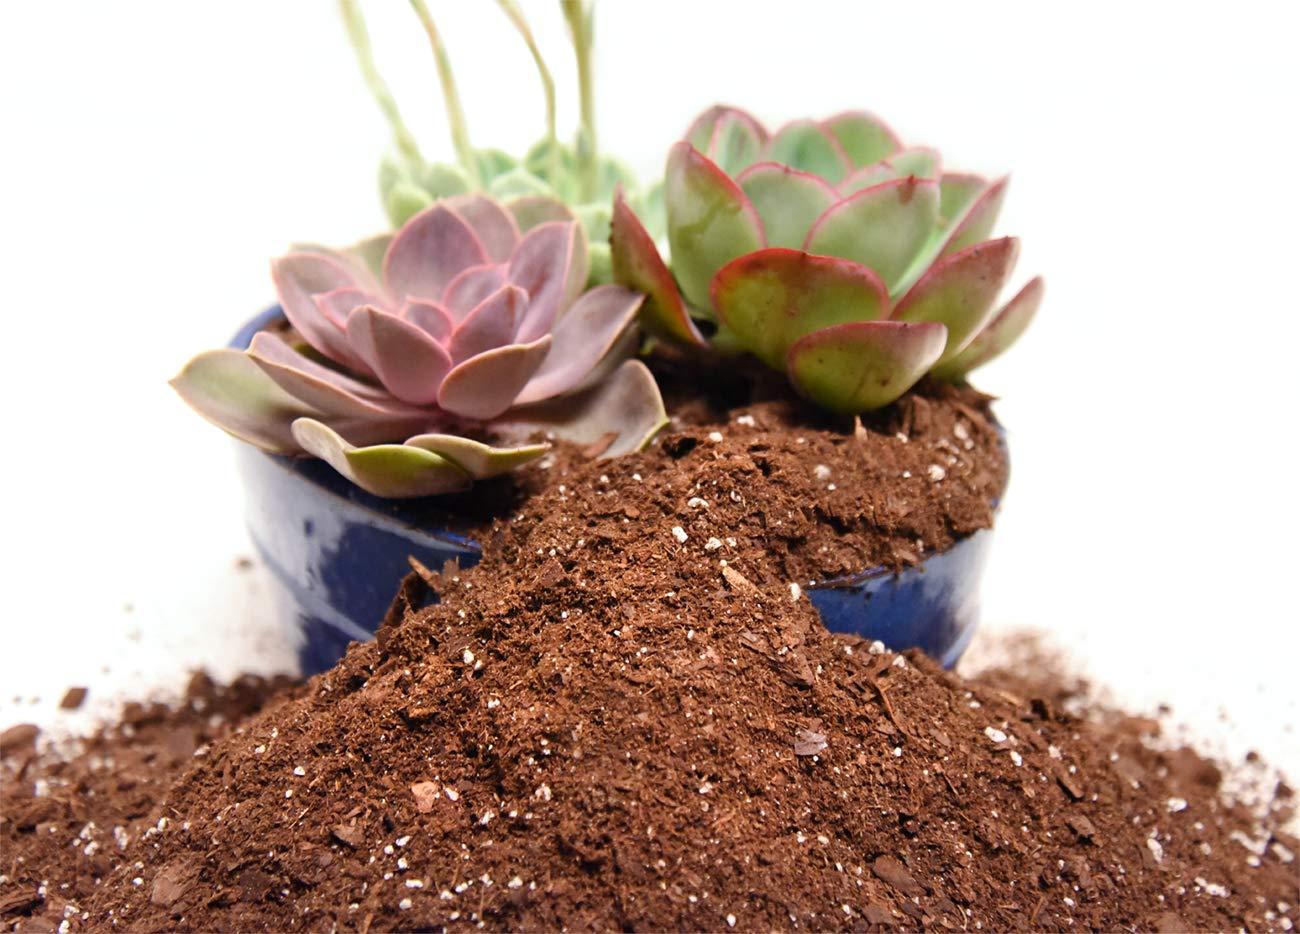 Amazon.com : Succulent Soil Mix by Perfect Plants 4quarts- Plant All ...